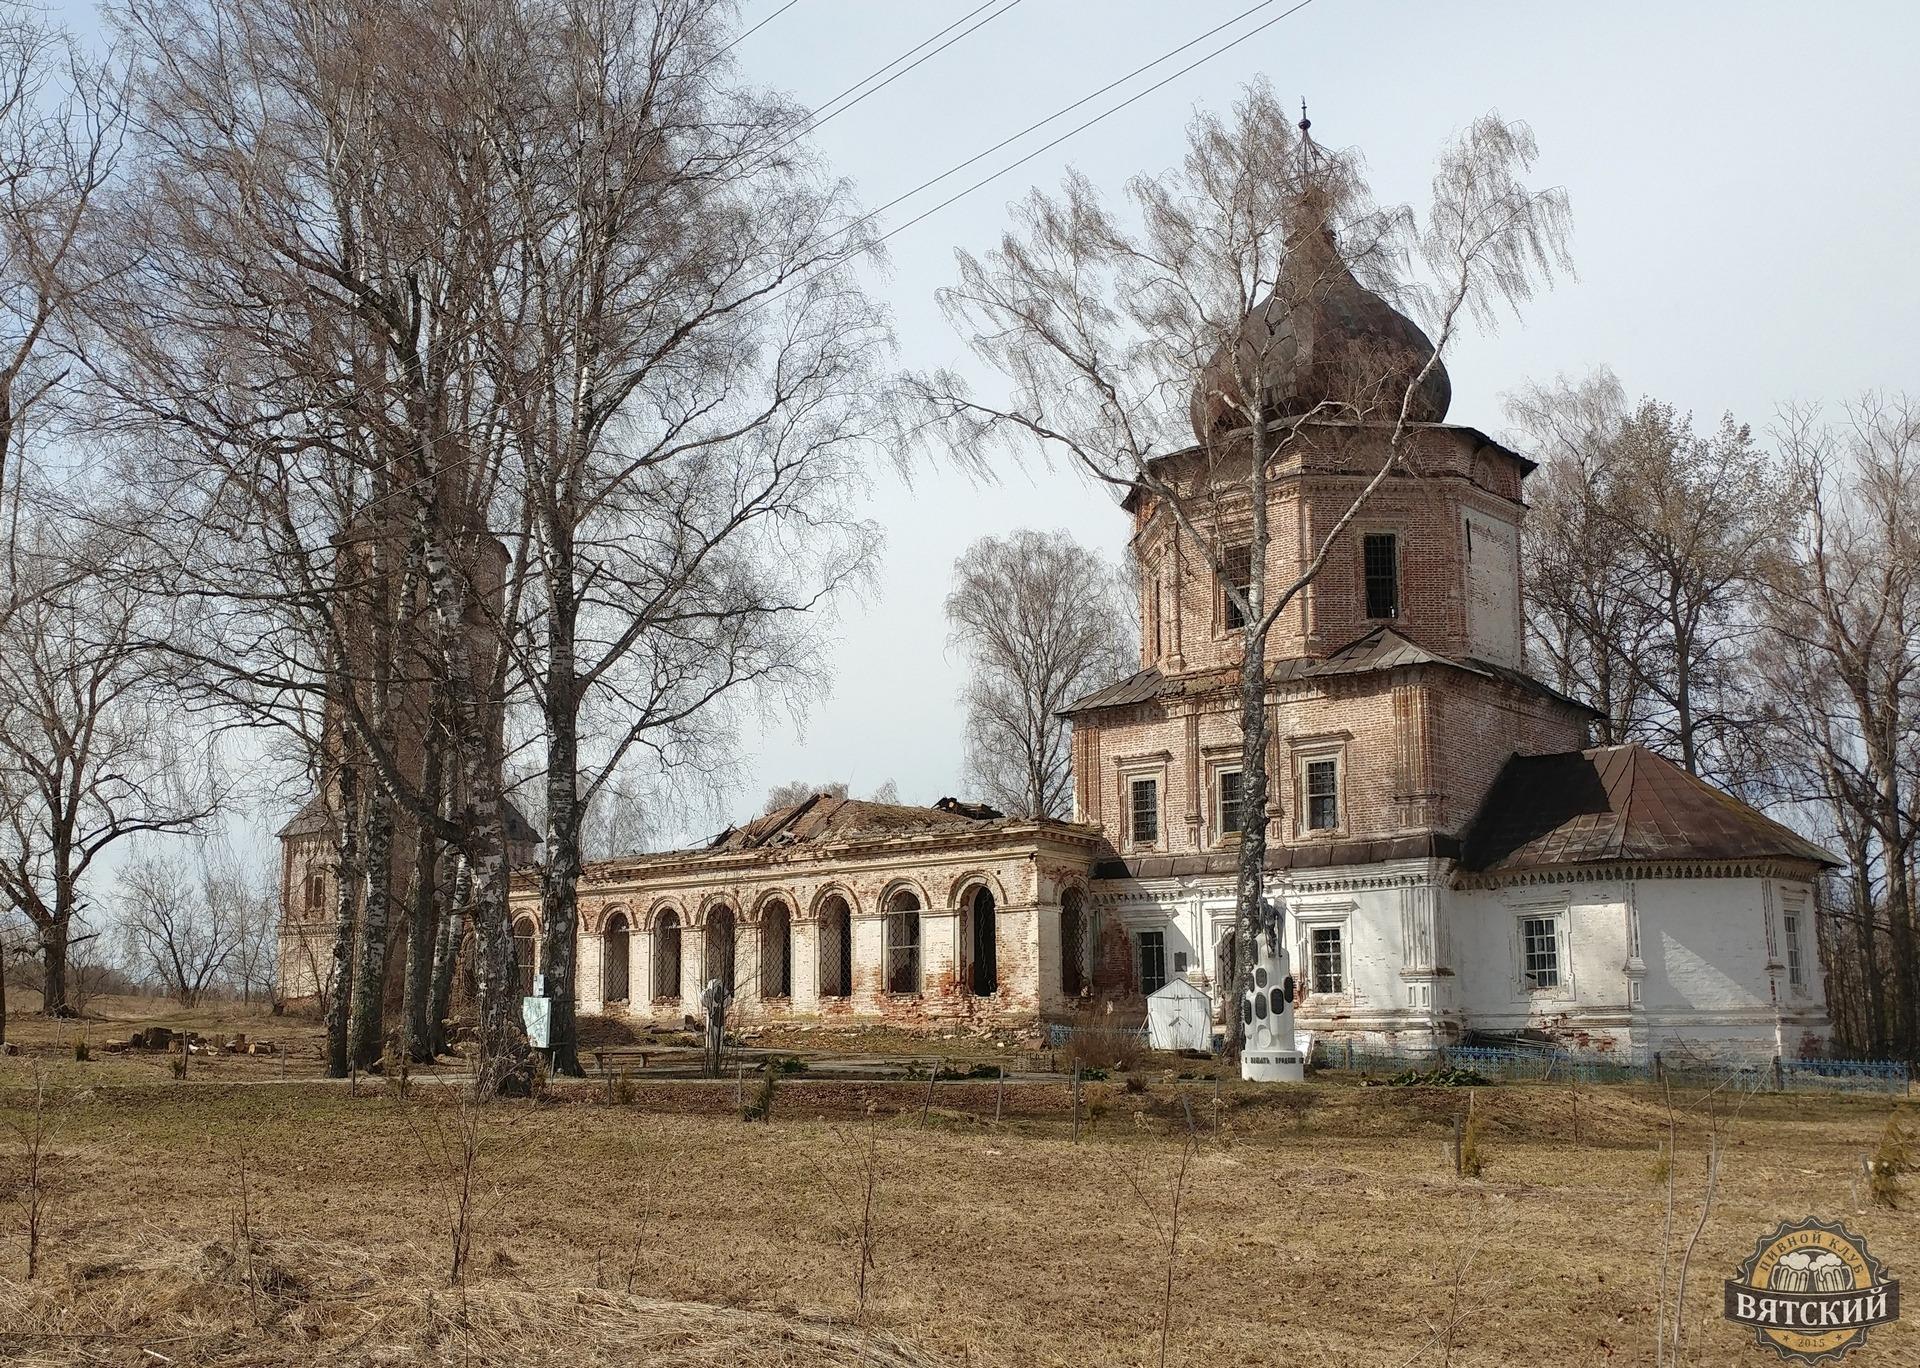 Спасская церковь. Вид с дороги.